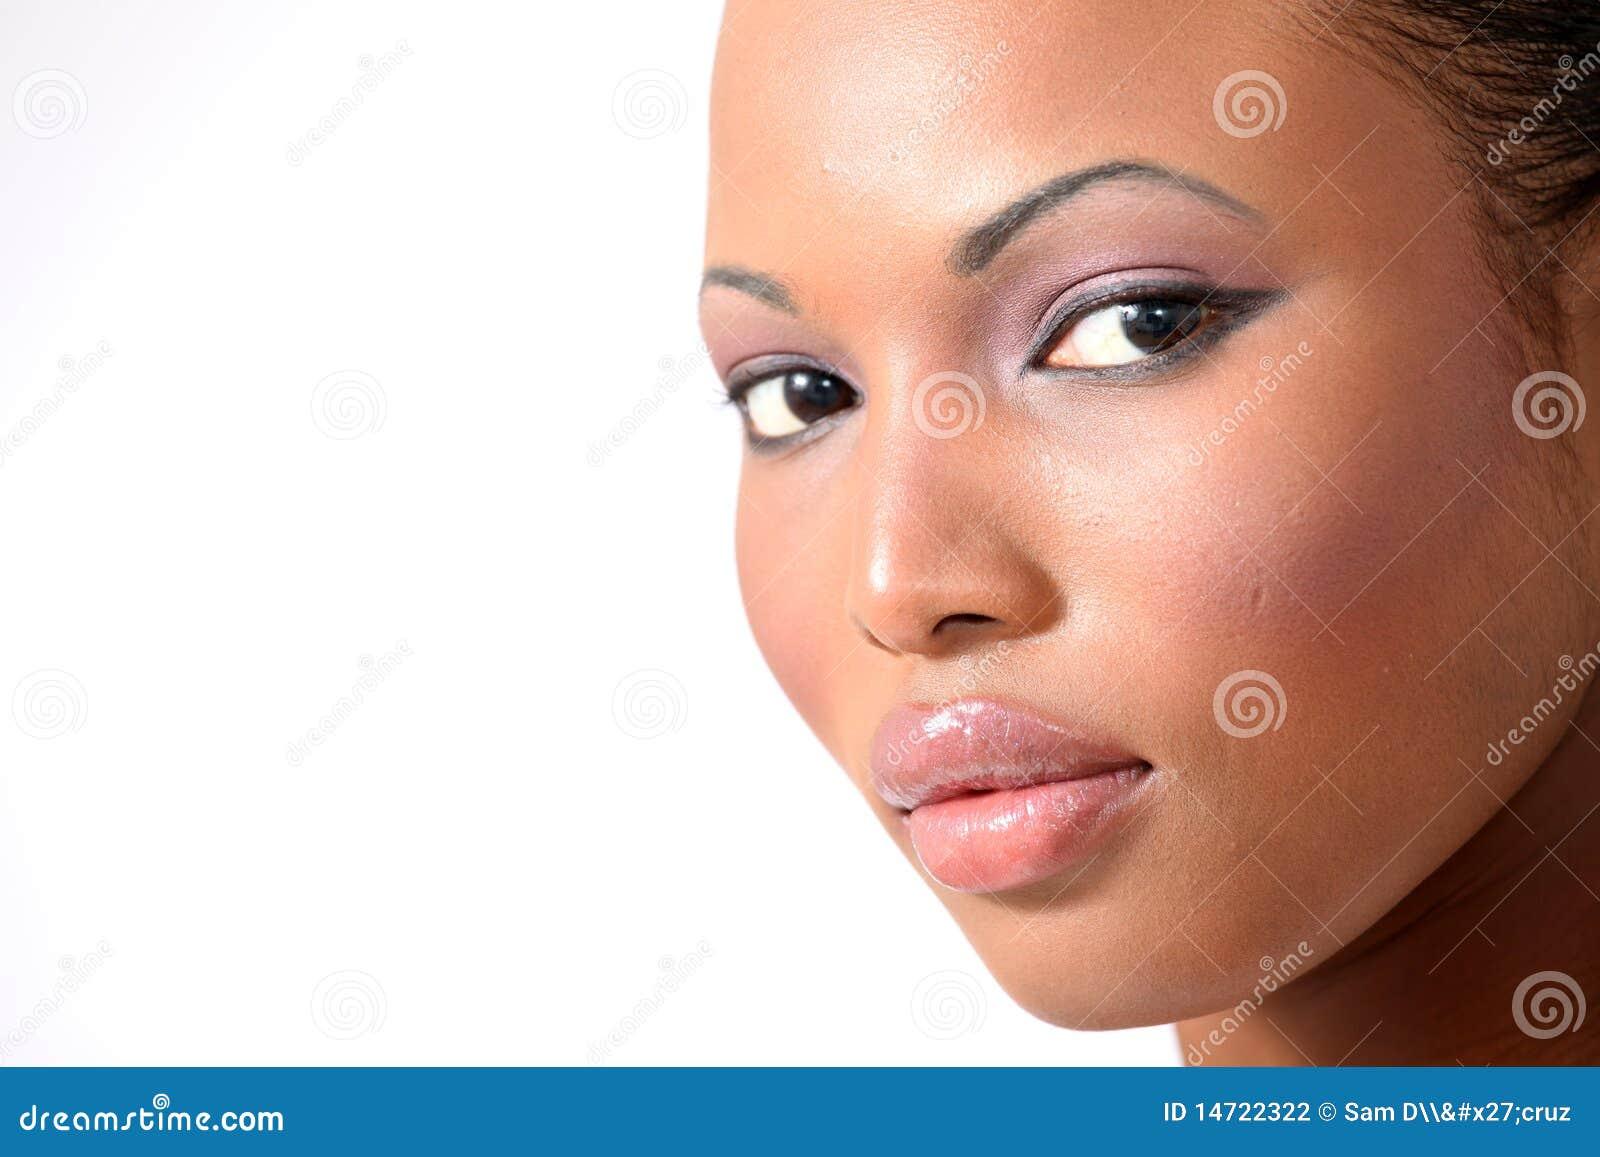 Beautiful Fashion Model - Young Woman